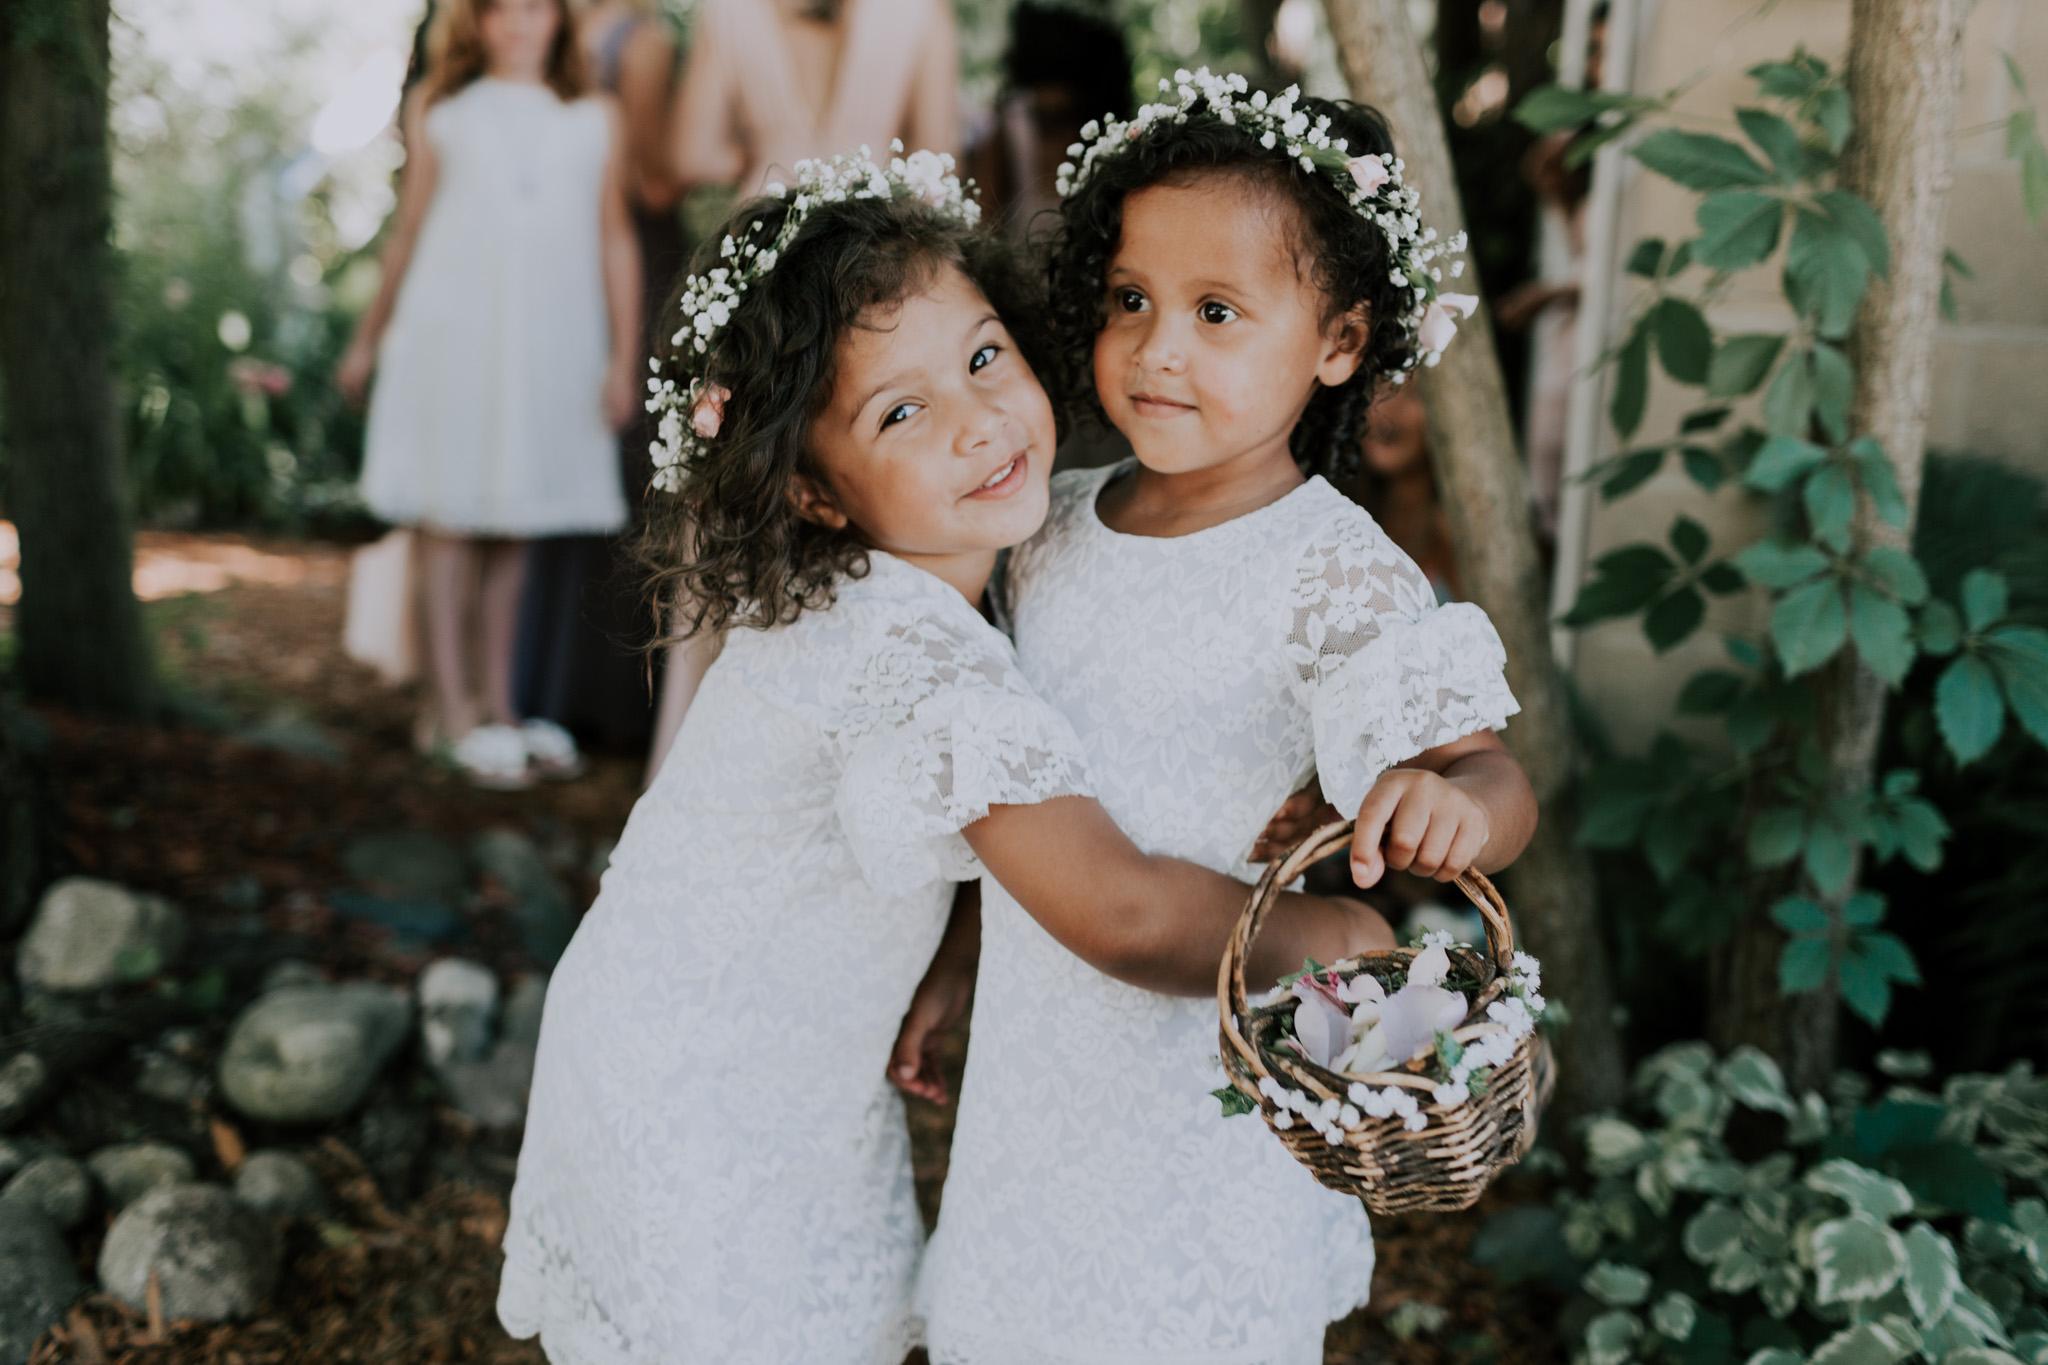 Blue-Dress-Barn-Michigan-Wedding-April-Seth-Vafa-Photo437.jpg